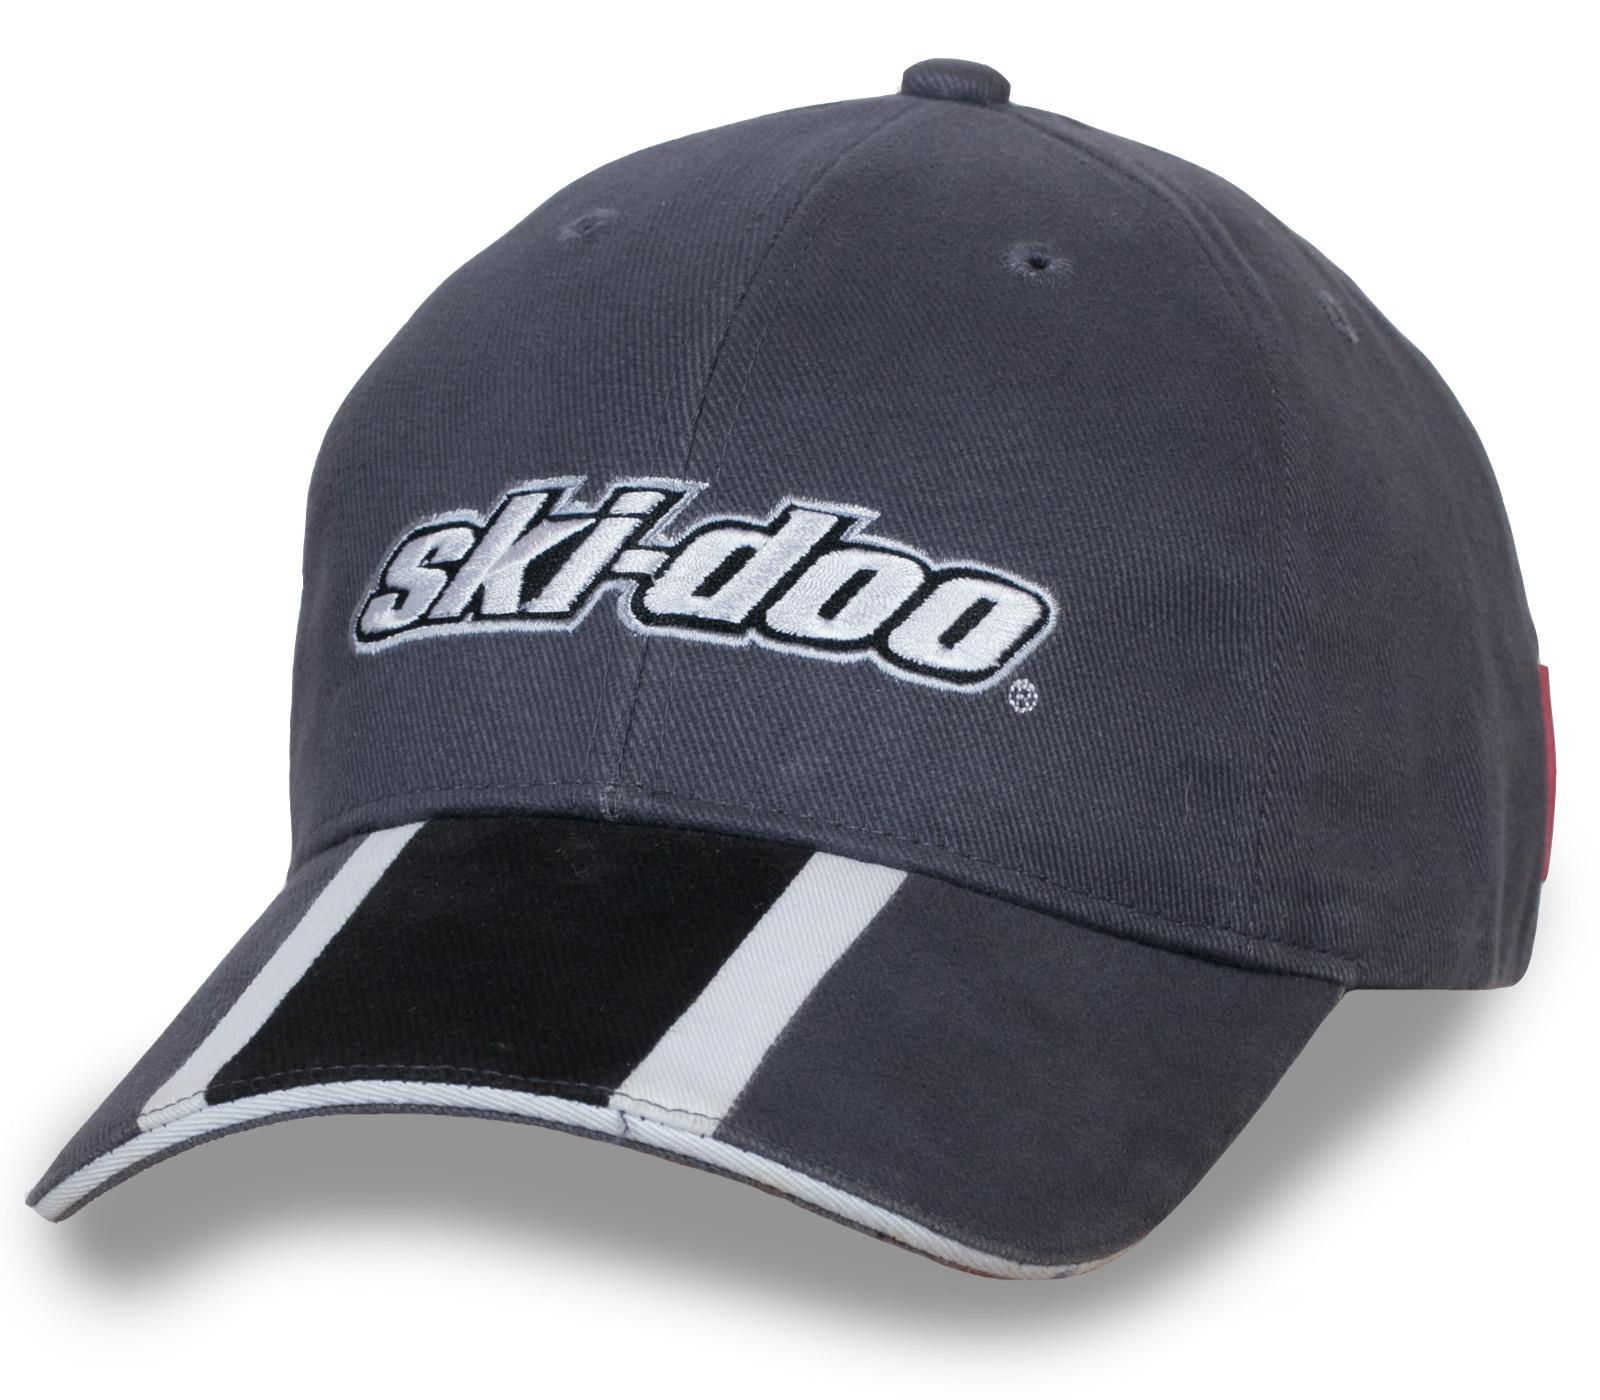 Купить мужскую бейсболку серого цвета – стильно и практично